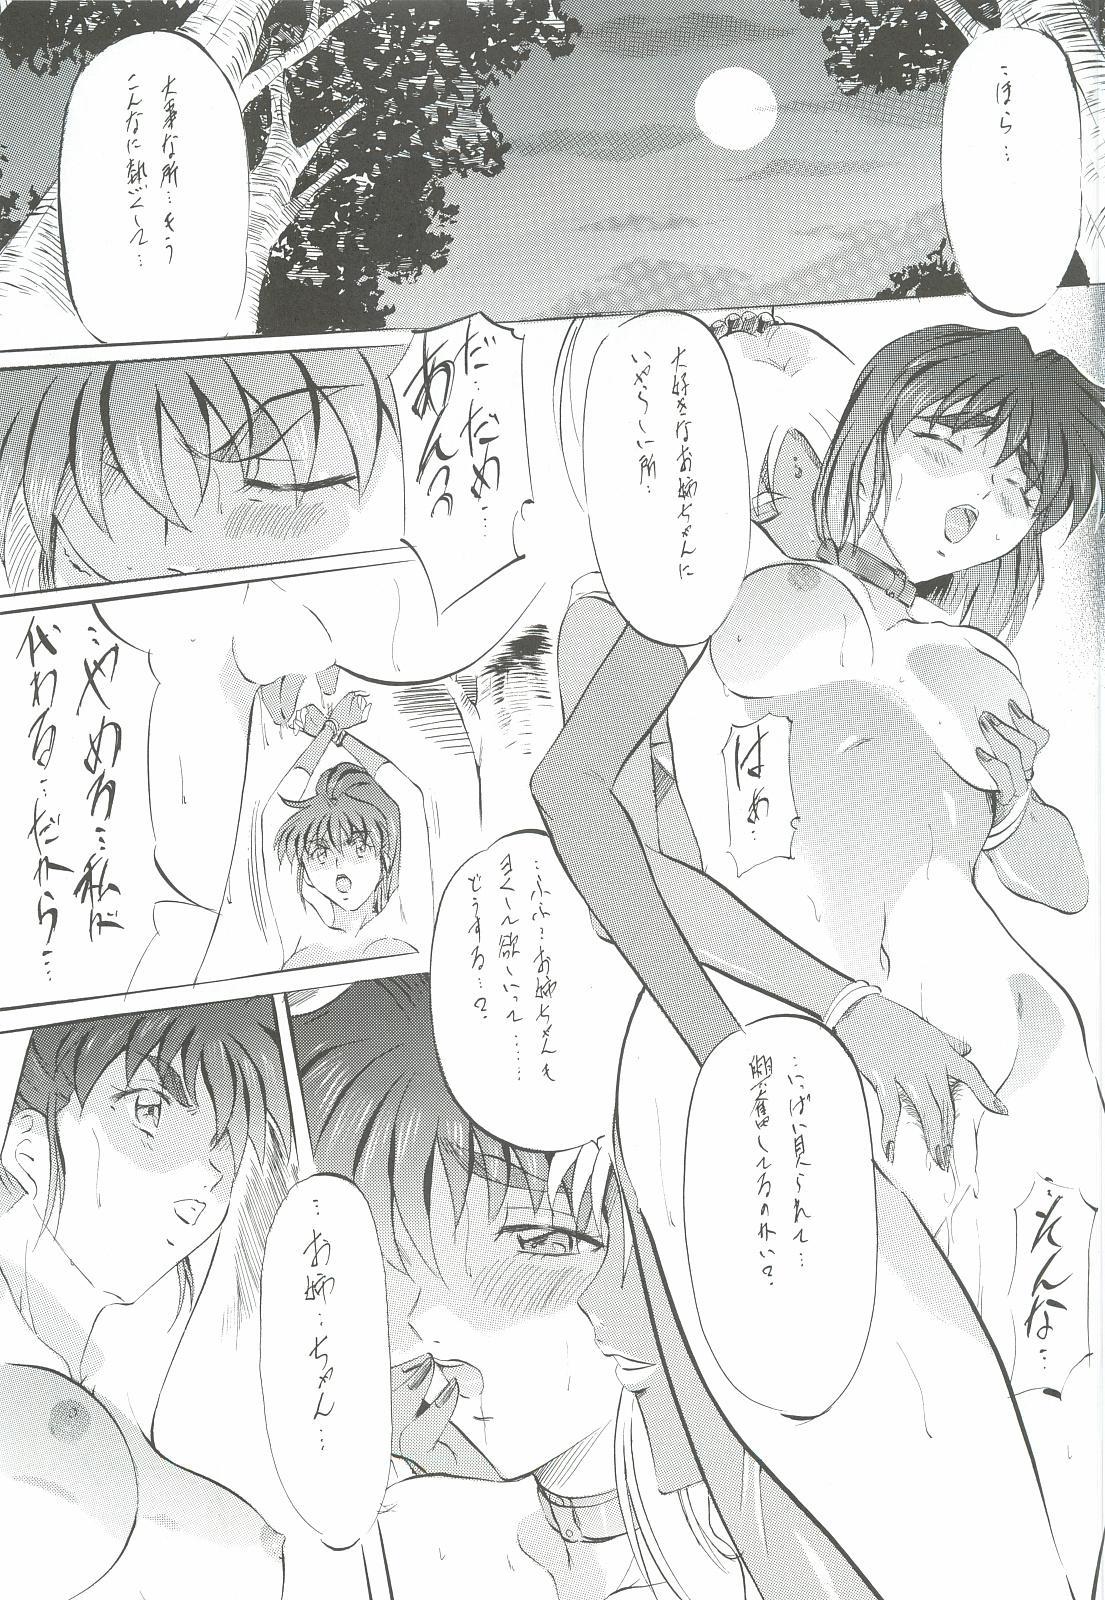 Ai & Mai Gaiden - Kishin Fukkatsu no Shou 97